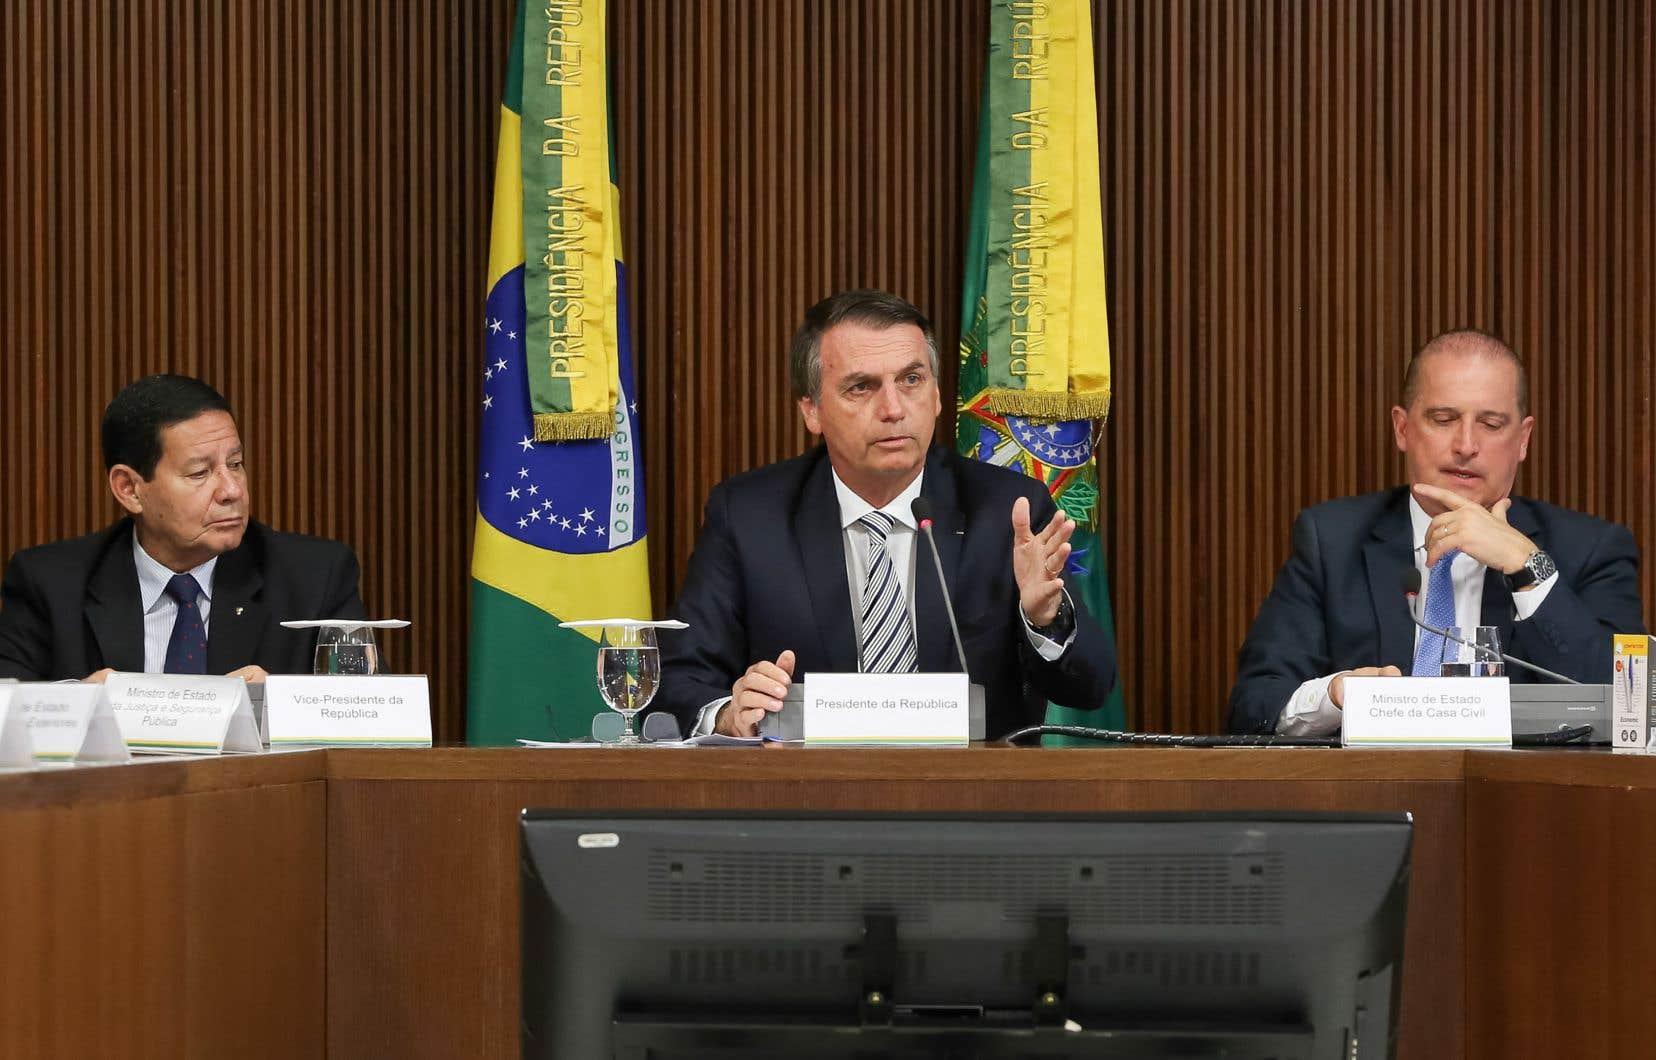 Farouche anticommuniste, Jair Bolsonaro a été élu en octobre en partie grâce à un fort rejet du Parti des travailleurs.